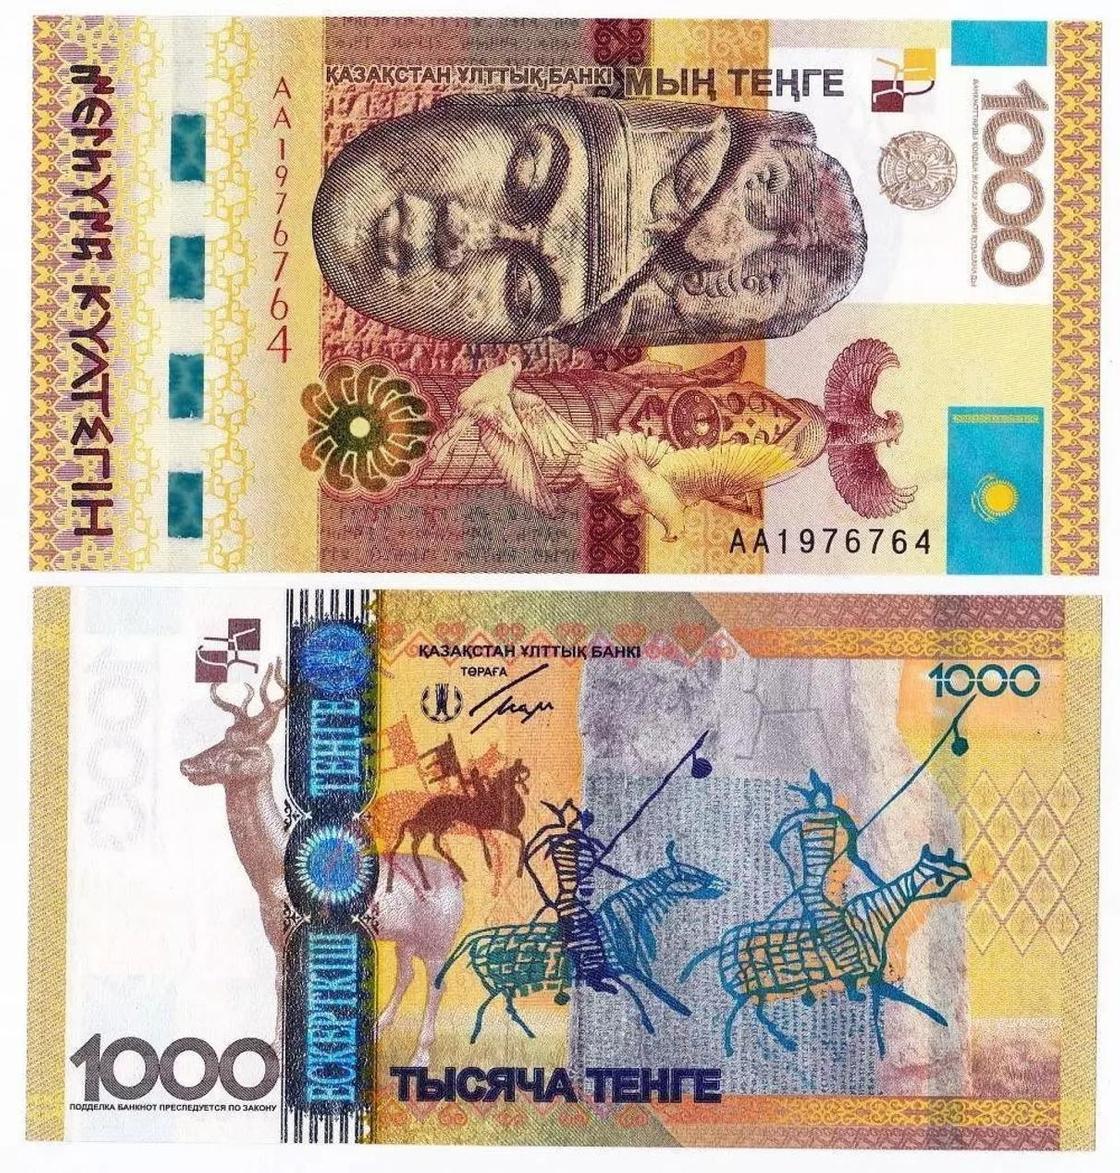 Ұлттық банк: 1000 тенгелік